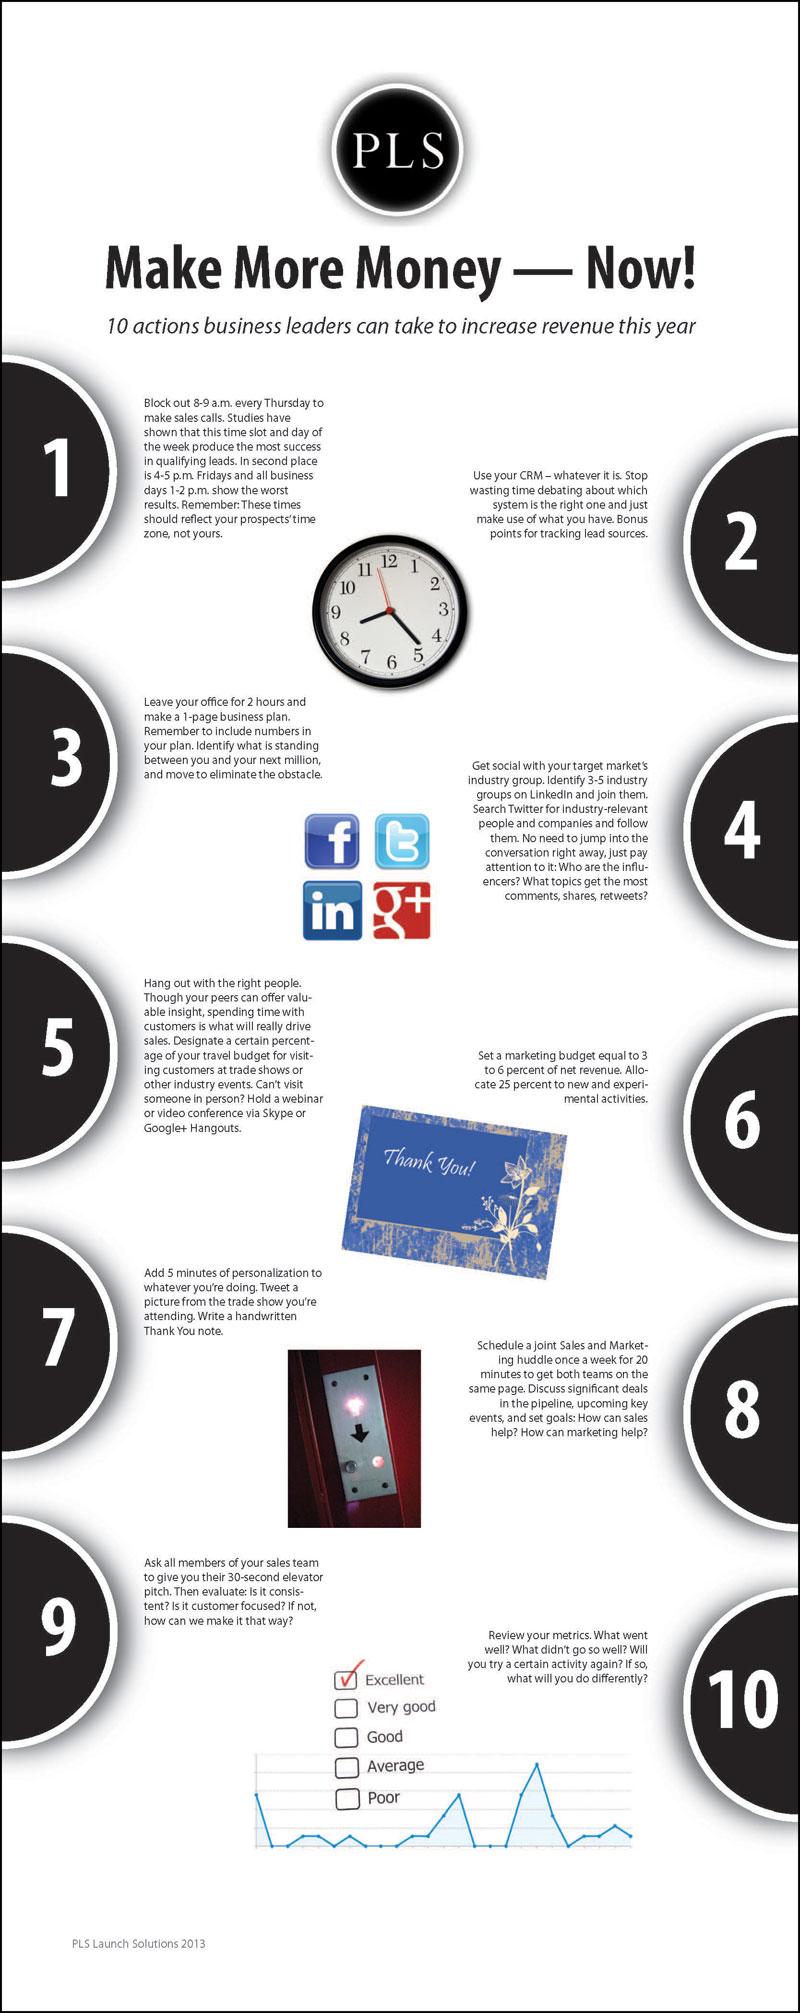 10 ways to increase revenue